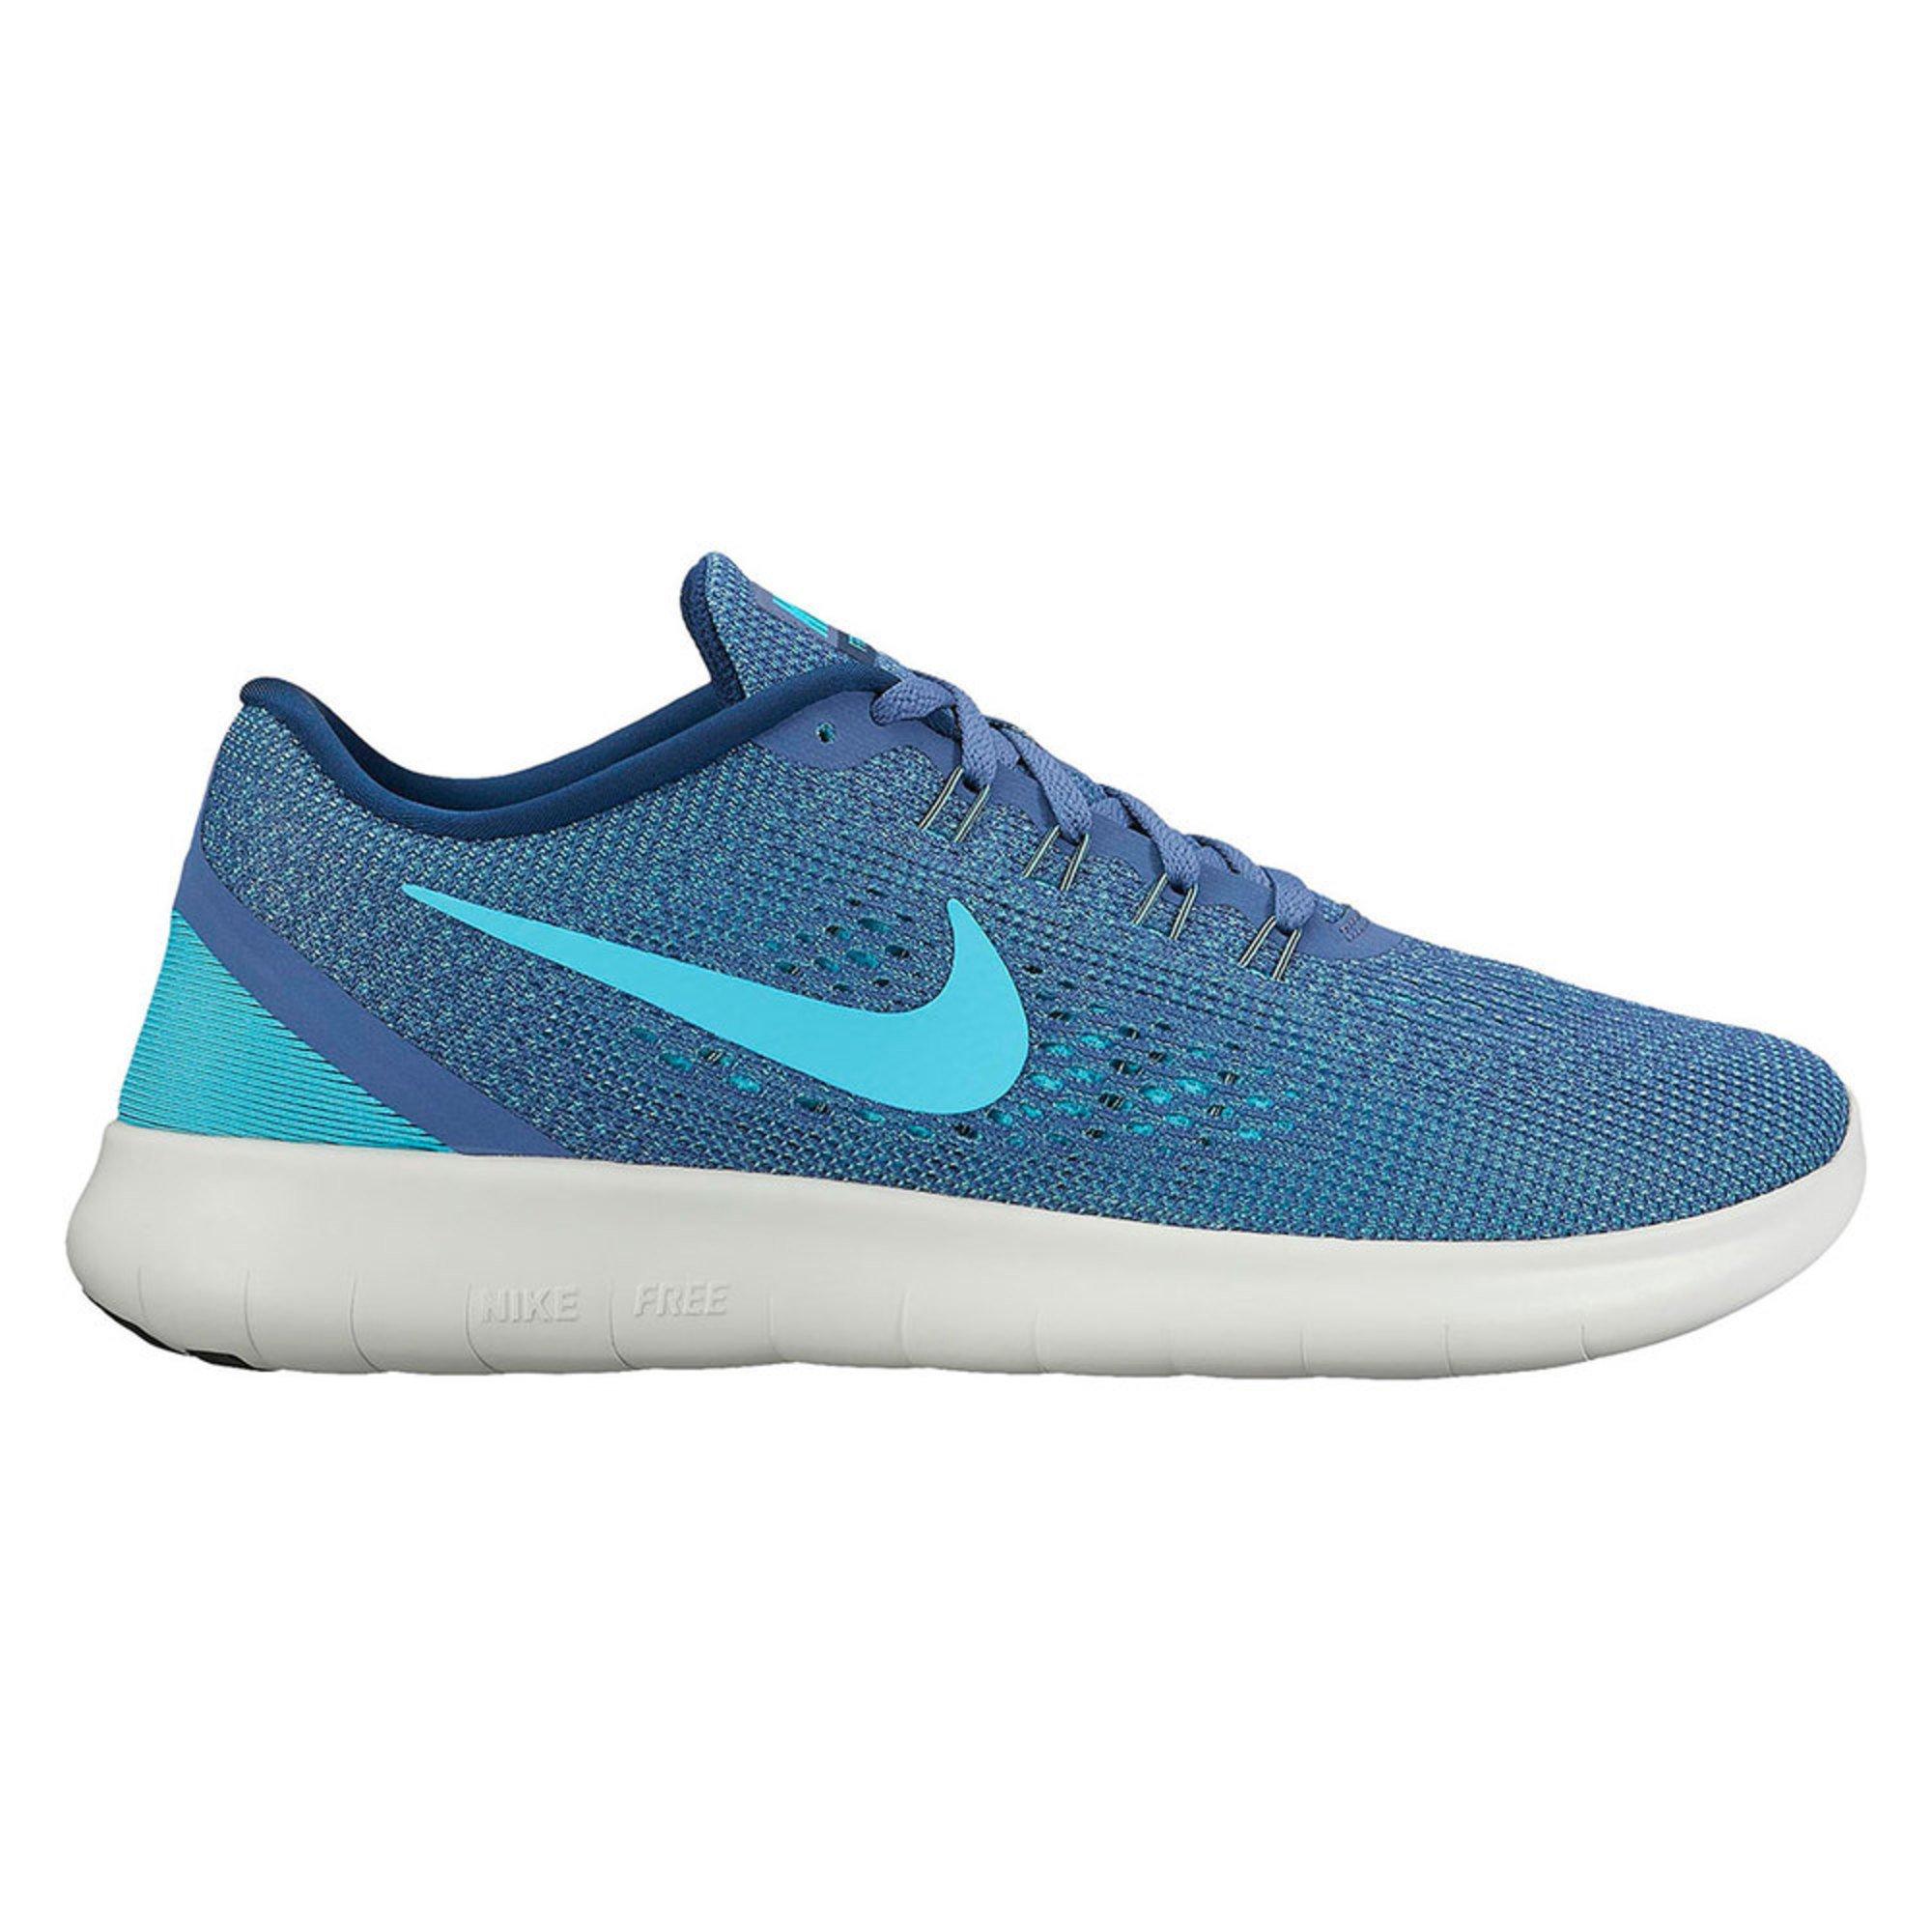 Nike Free Run Des Femmes De Chaussures De Course Lune Bleue